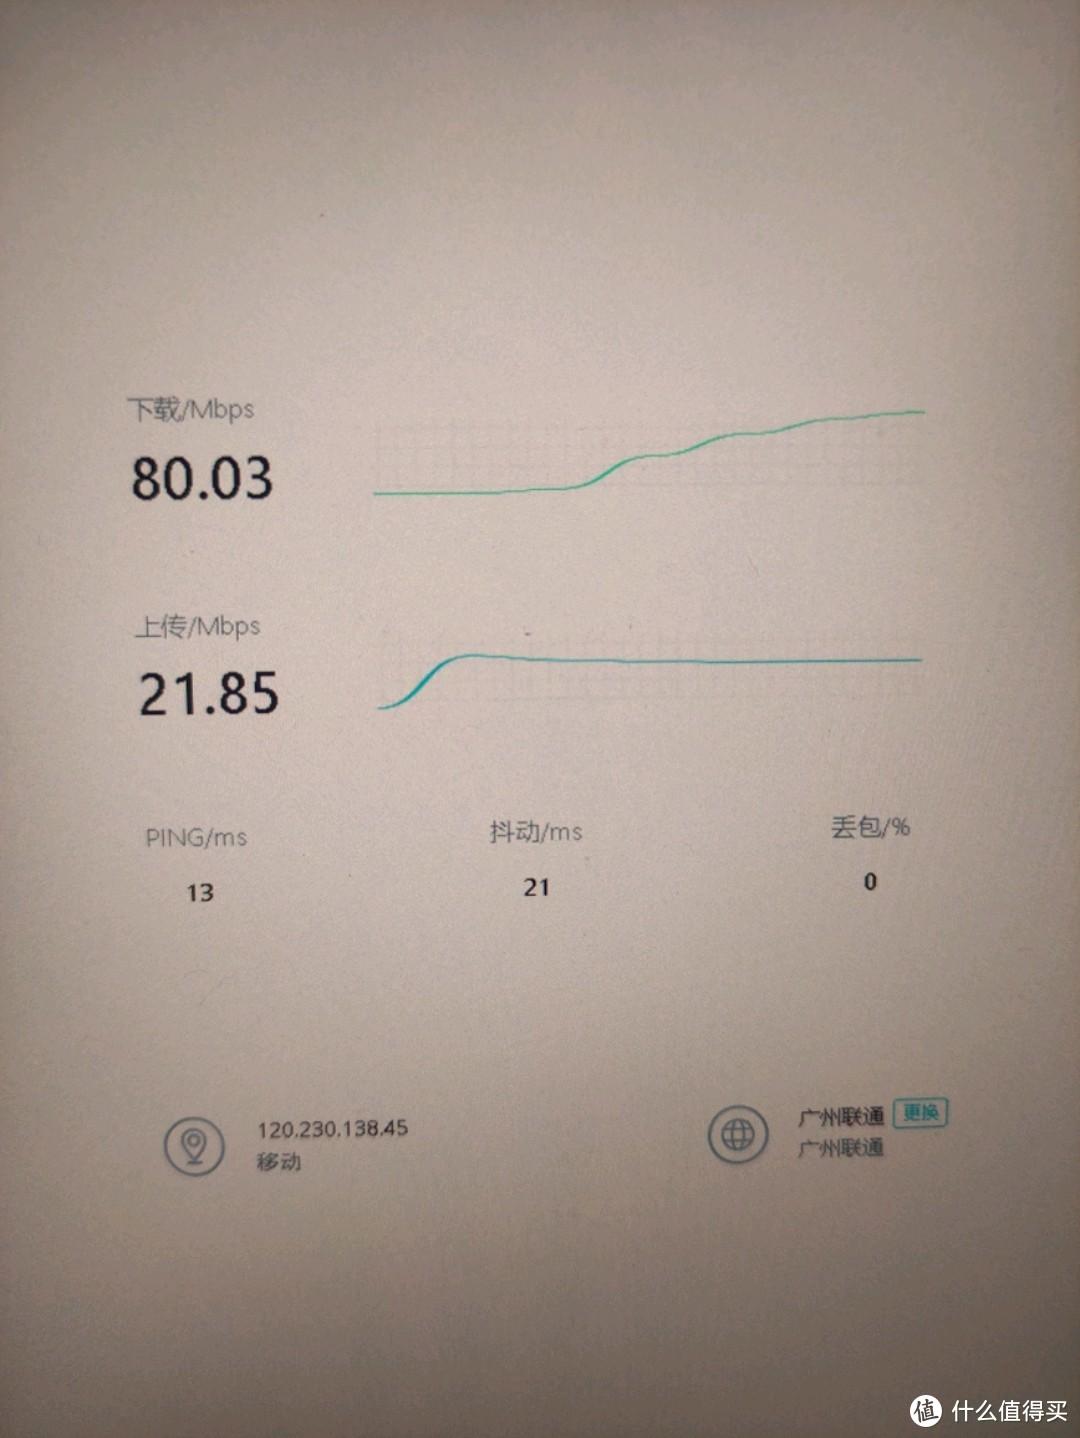 这是未换网卡时,使用ac11路由的测速结果